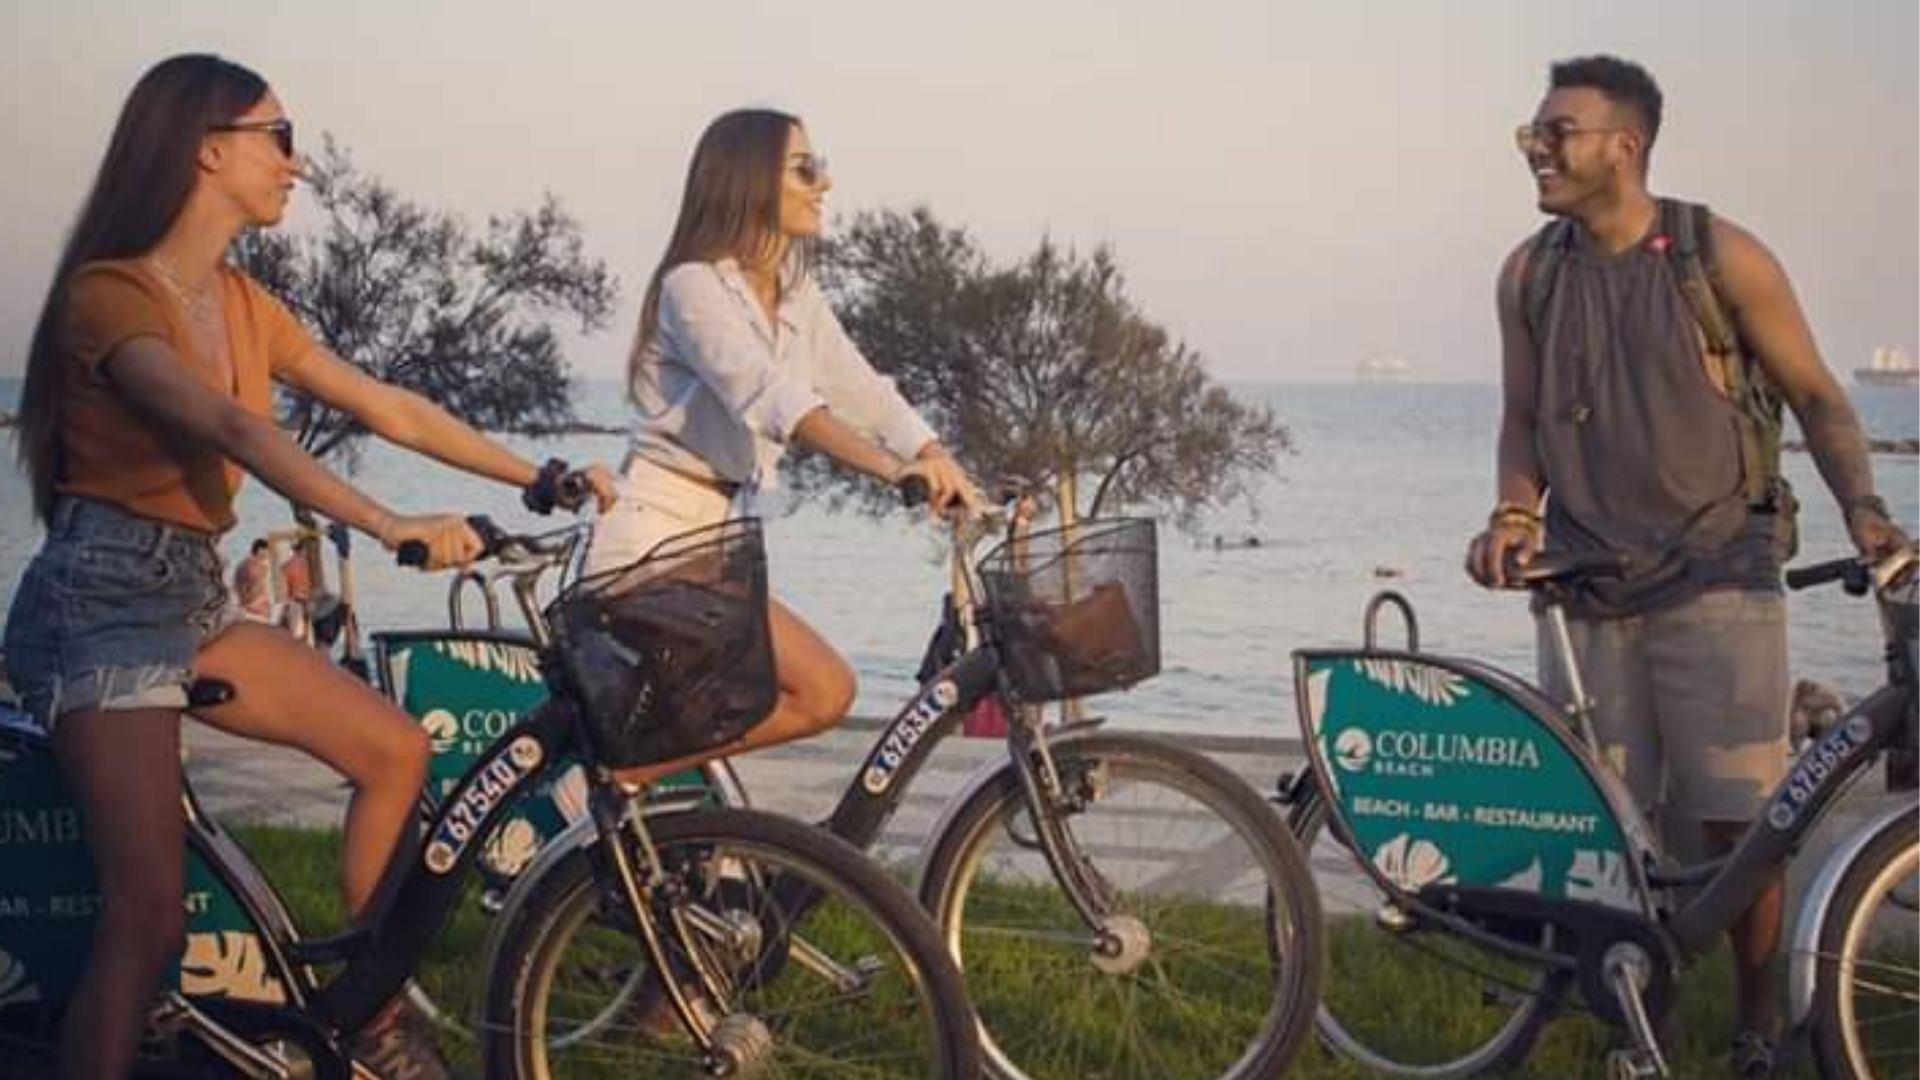 Δωρεάν ποδήλατα στους δημότες της Λεμεσού για μια ώρα